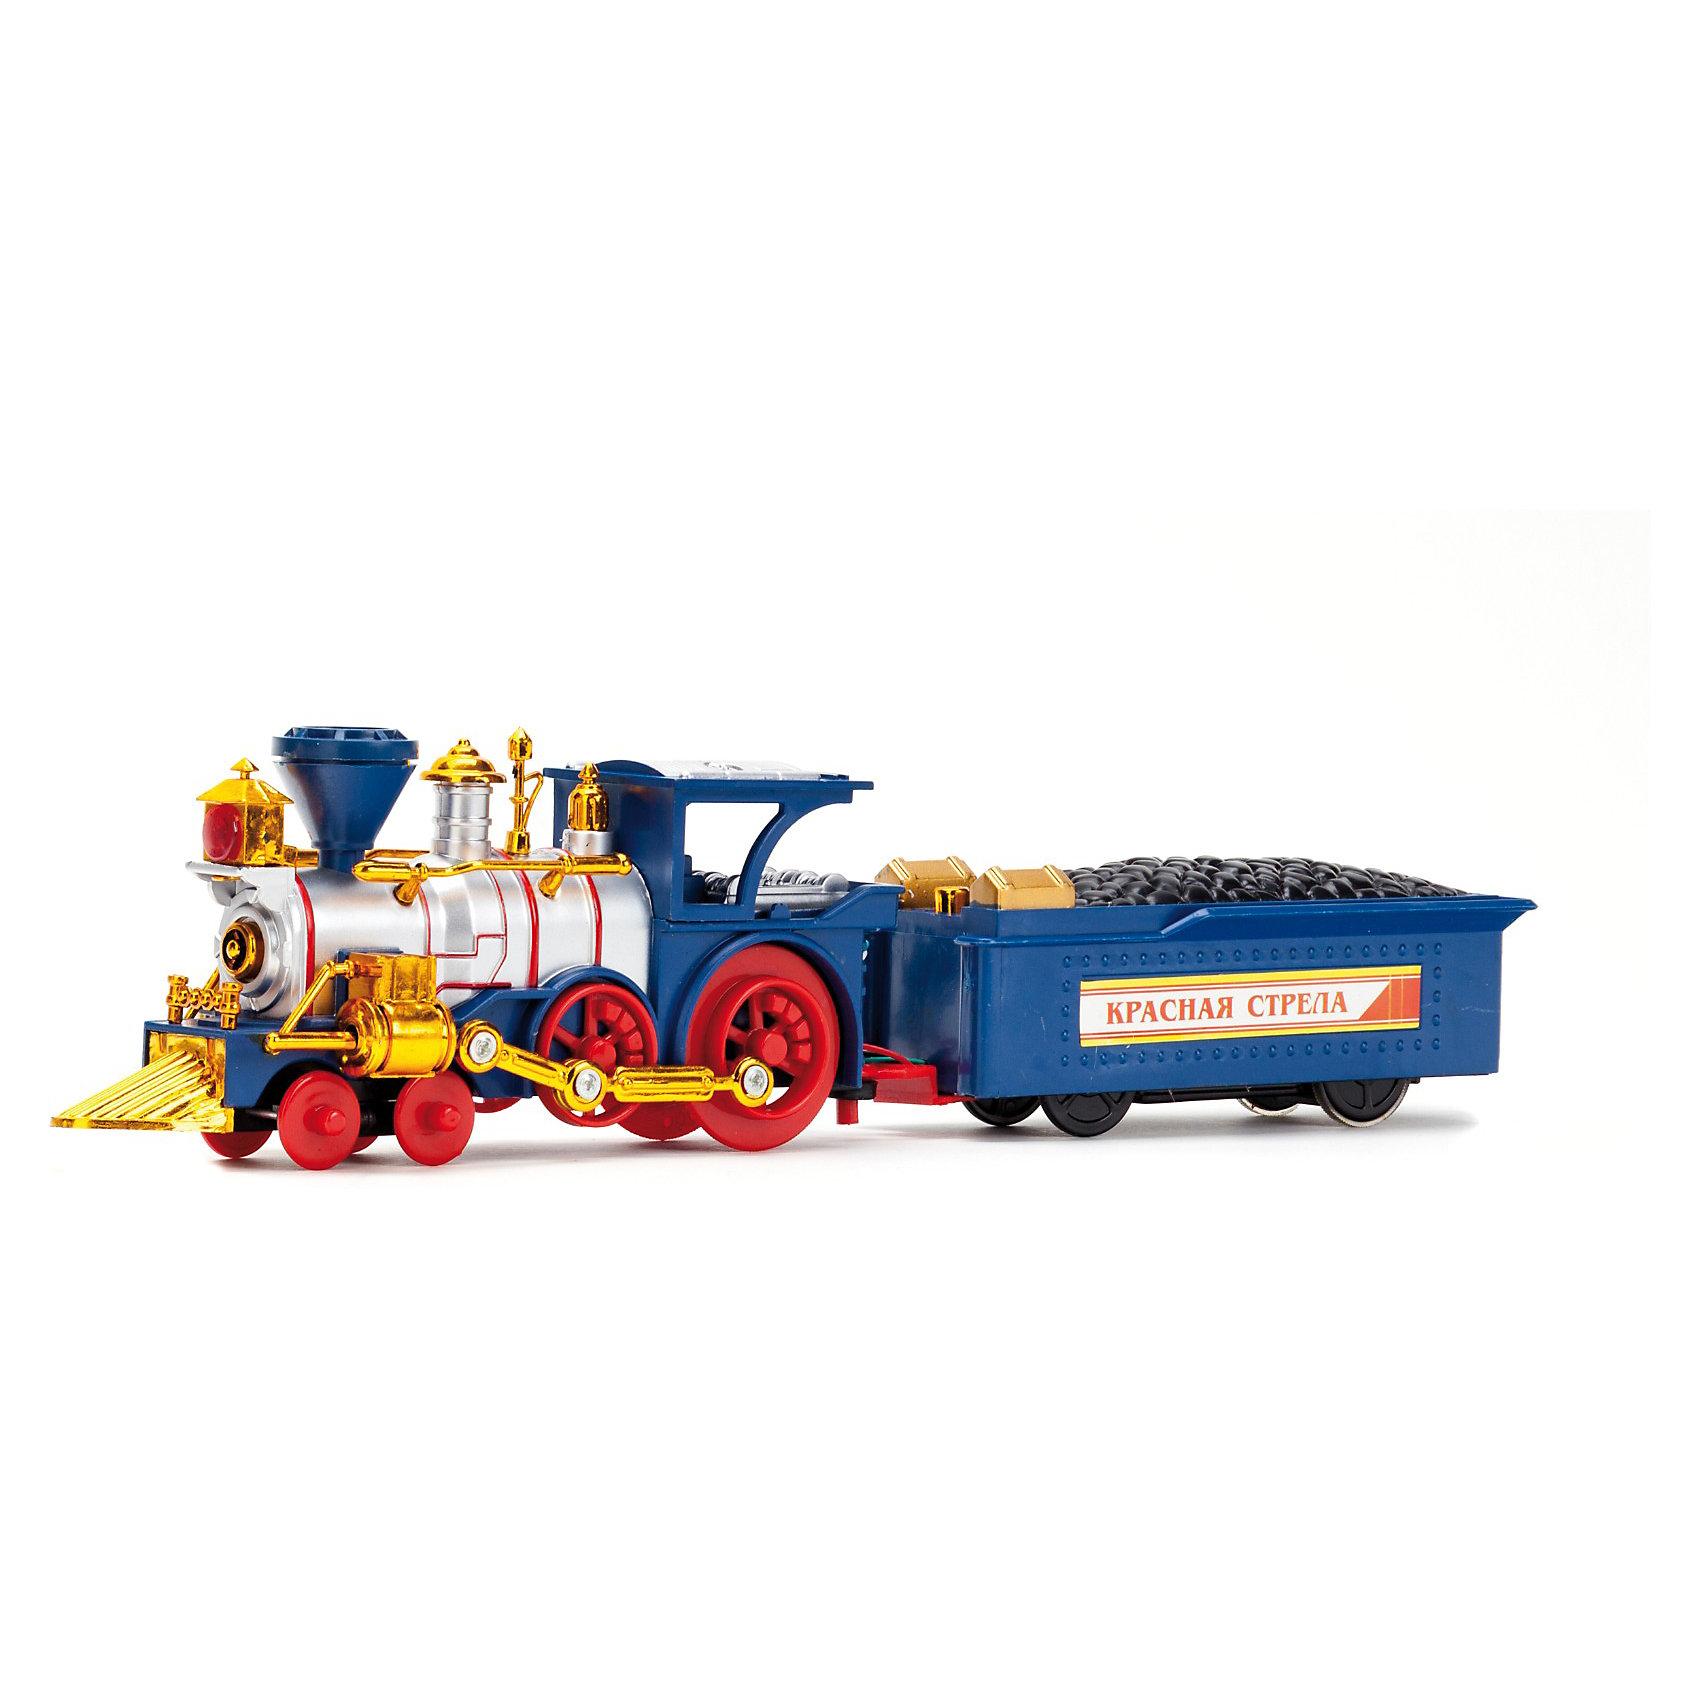 Железная дорога Красная стрела, на р/у, со светом и звуком,  Играем вместеЖелезная дорога Красная Стрела на радиоуправлении - замечательный подарок, который вызовет восторг у любого ребенка. Поезд управляется с помощью пульта, может двигаться вперед-назад, скорость движения регулируется.<br><br>В составе поезда старинный паровоз, украшенный хромированными деталями и три вагона - два пассажирский и один грузовой с углем. Игрушка оснащена световыми и звуковыми эффектами: поезд мигает прожекторами, паровоз пускает дым и издает реалистичные звуки. Имеется автоматическая сцепка вагонов. В комплекте множество аксессуаров, которые помогут воссоздать инфраструктуру настоящей железной дороги: станция, деревья, элементы дорожного полотна и много другое.<br><br>Дополнительная информация:<br><br>- В комплекте: пульт управления, локомотив, вагон с углём, элементы дорожного полотна, пассажирские вагоны, деревья.<br>- Материал: пластик, металл.<br>- Требуются батарейки: 6 х АА (в комплект не входят).<br>- Длина железнодорожного полотна: 266 см.<br>- Размер упаковки: 52 х 32 х 7,5 см.<br>- Вес: 1,2 кг.<br><br> Железную дорогу Красная стрела, на р/у, Играем вместе можно купить в нашем интернет-магазине.<br><br>Ширина мм: 320<br>Глубина мм: 70<br>Высота мм: 530<br>Вес г: 1230<br>Возраст от месяцев: 48<br>Возраст до месяцев: 120<br>Пол: Мужской<br>Возраст: Детский<br>SKU: 3644049